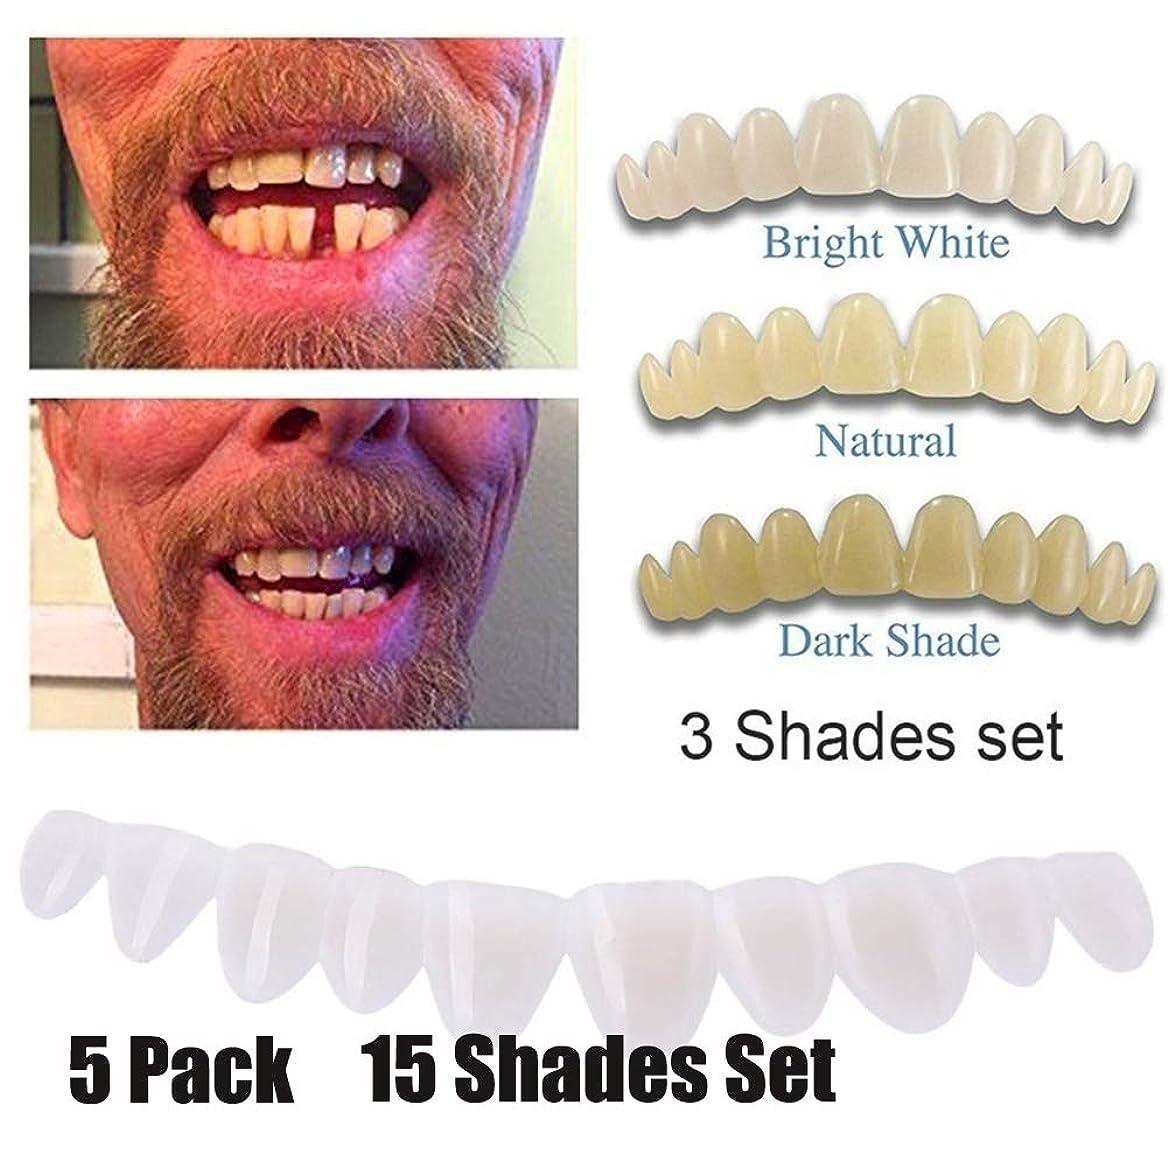 本会議ディレクター通行人5パックインスタントスマイルテンポラリートゥースキット3色付き欠けているか壊れている歯の修正が数分以内にあなたの笑顔を直します